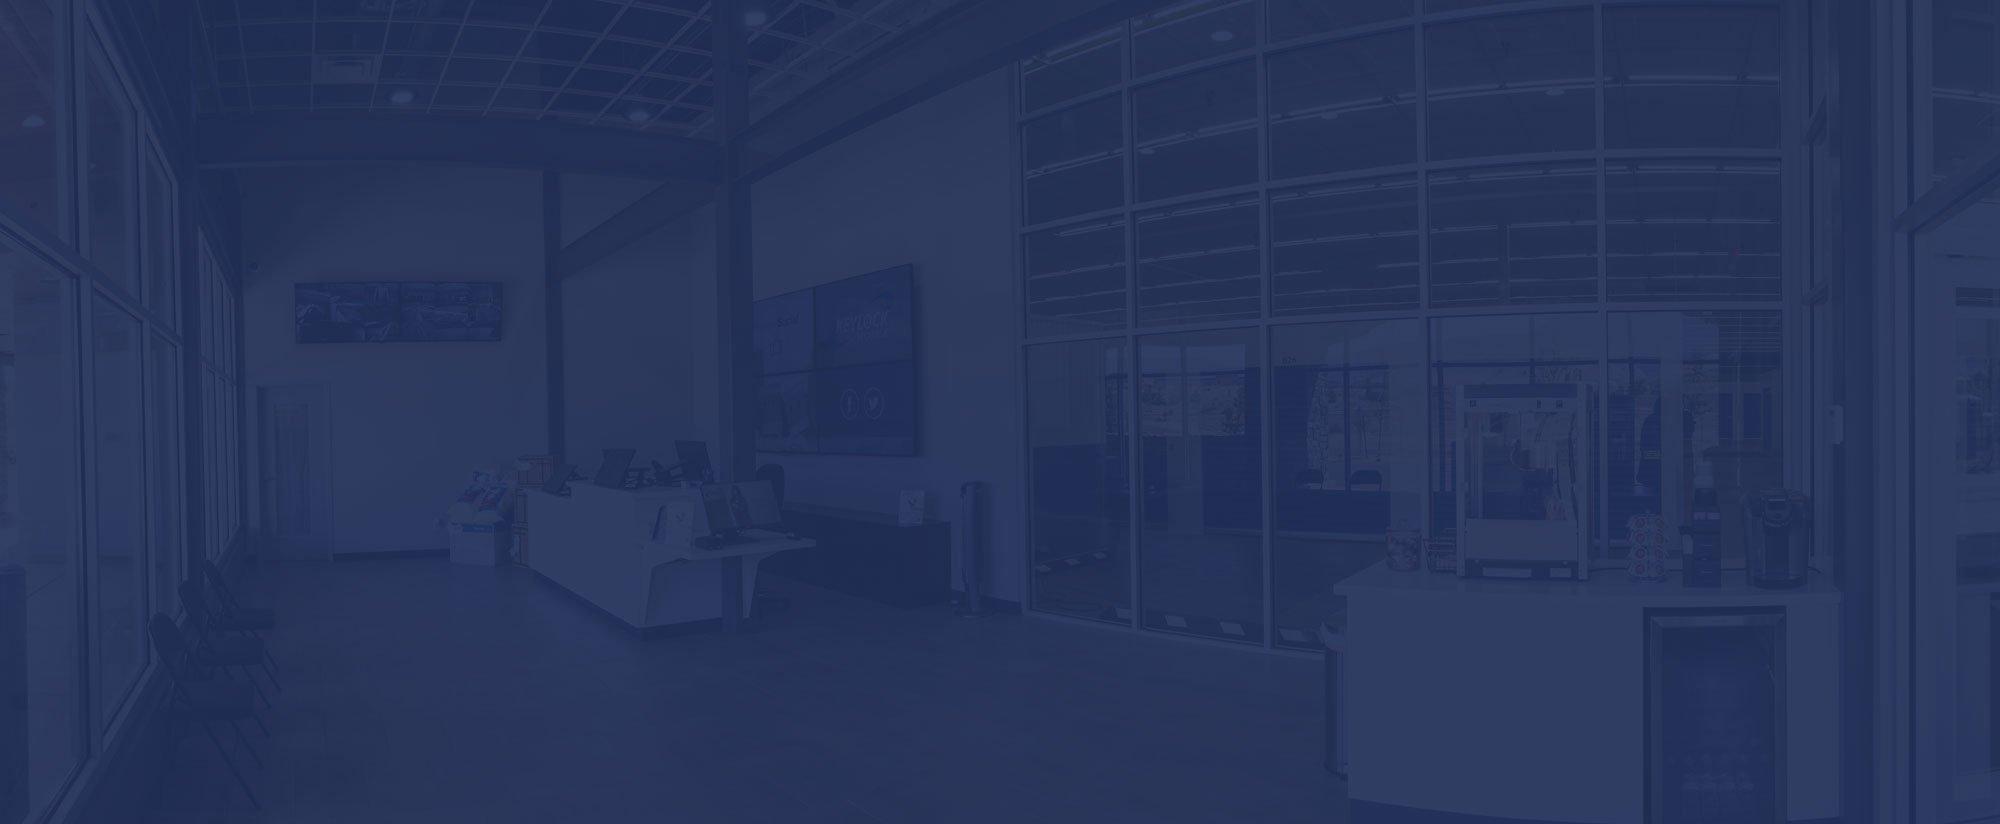 smart_facilities_darkblue_bg